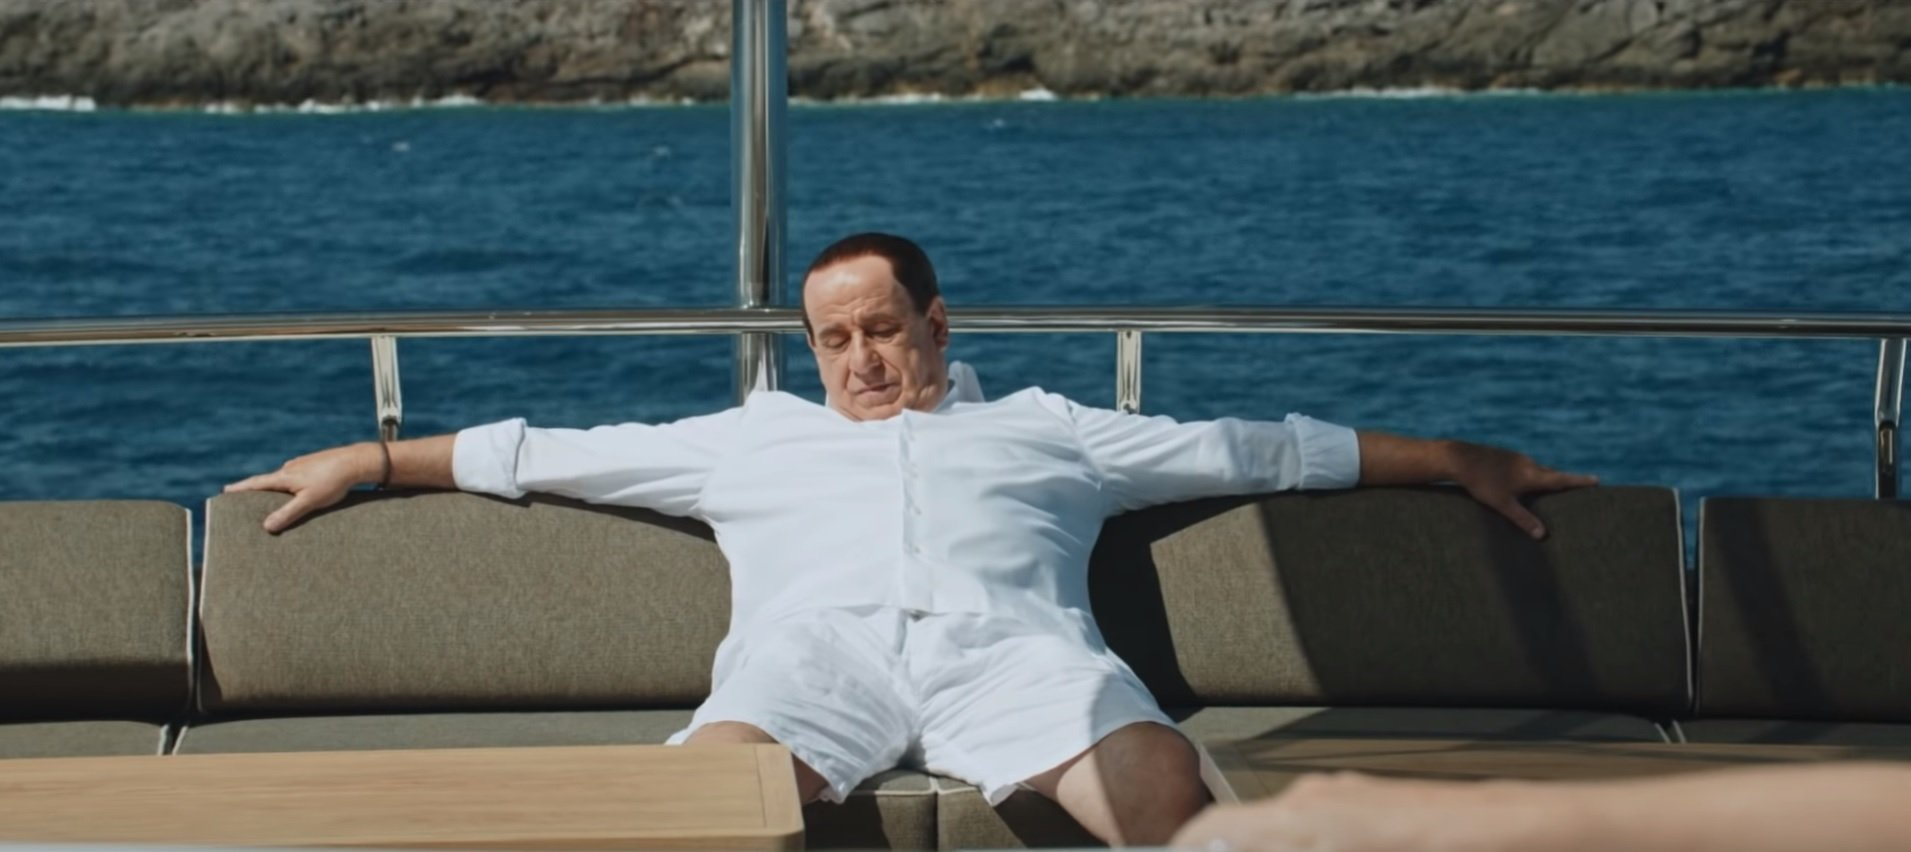 Oni – zwiastun filmu o Silvio Berlusconim. Kiedy premiera w Polsce?